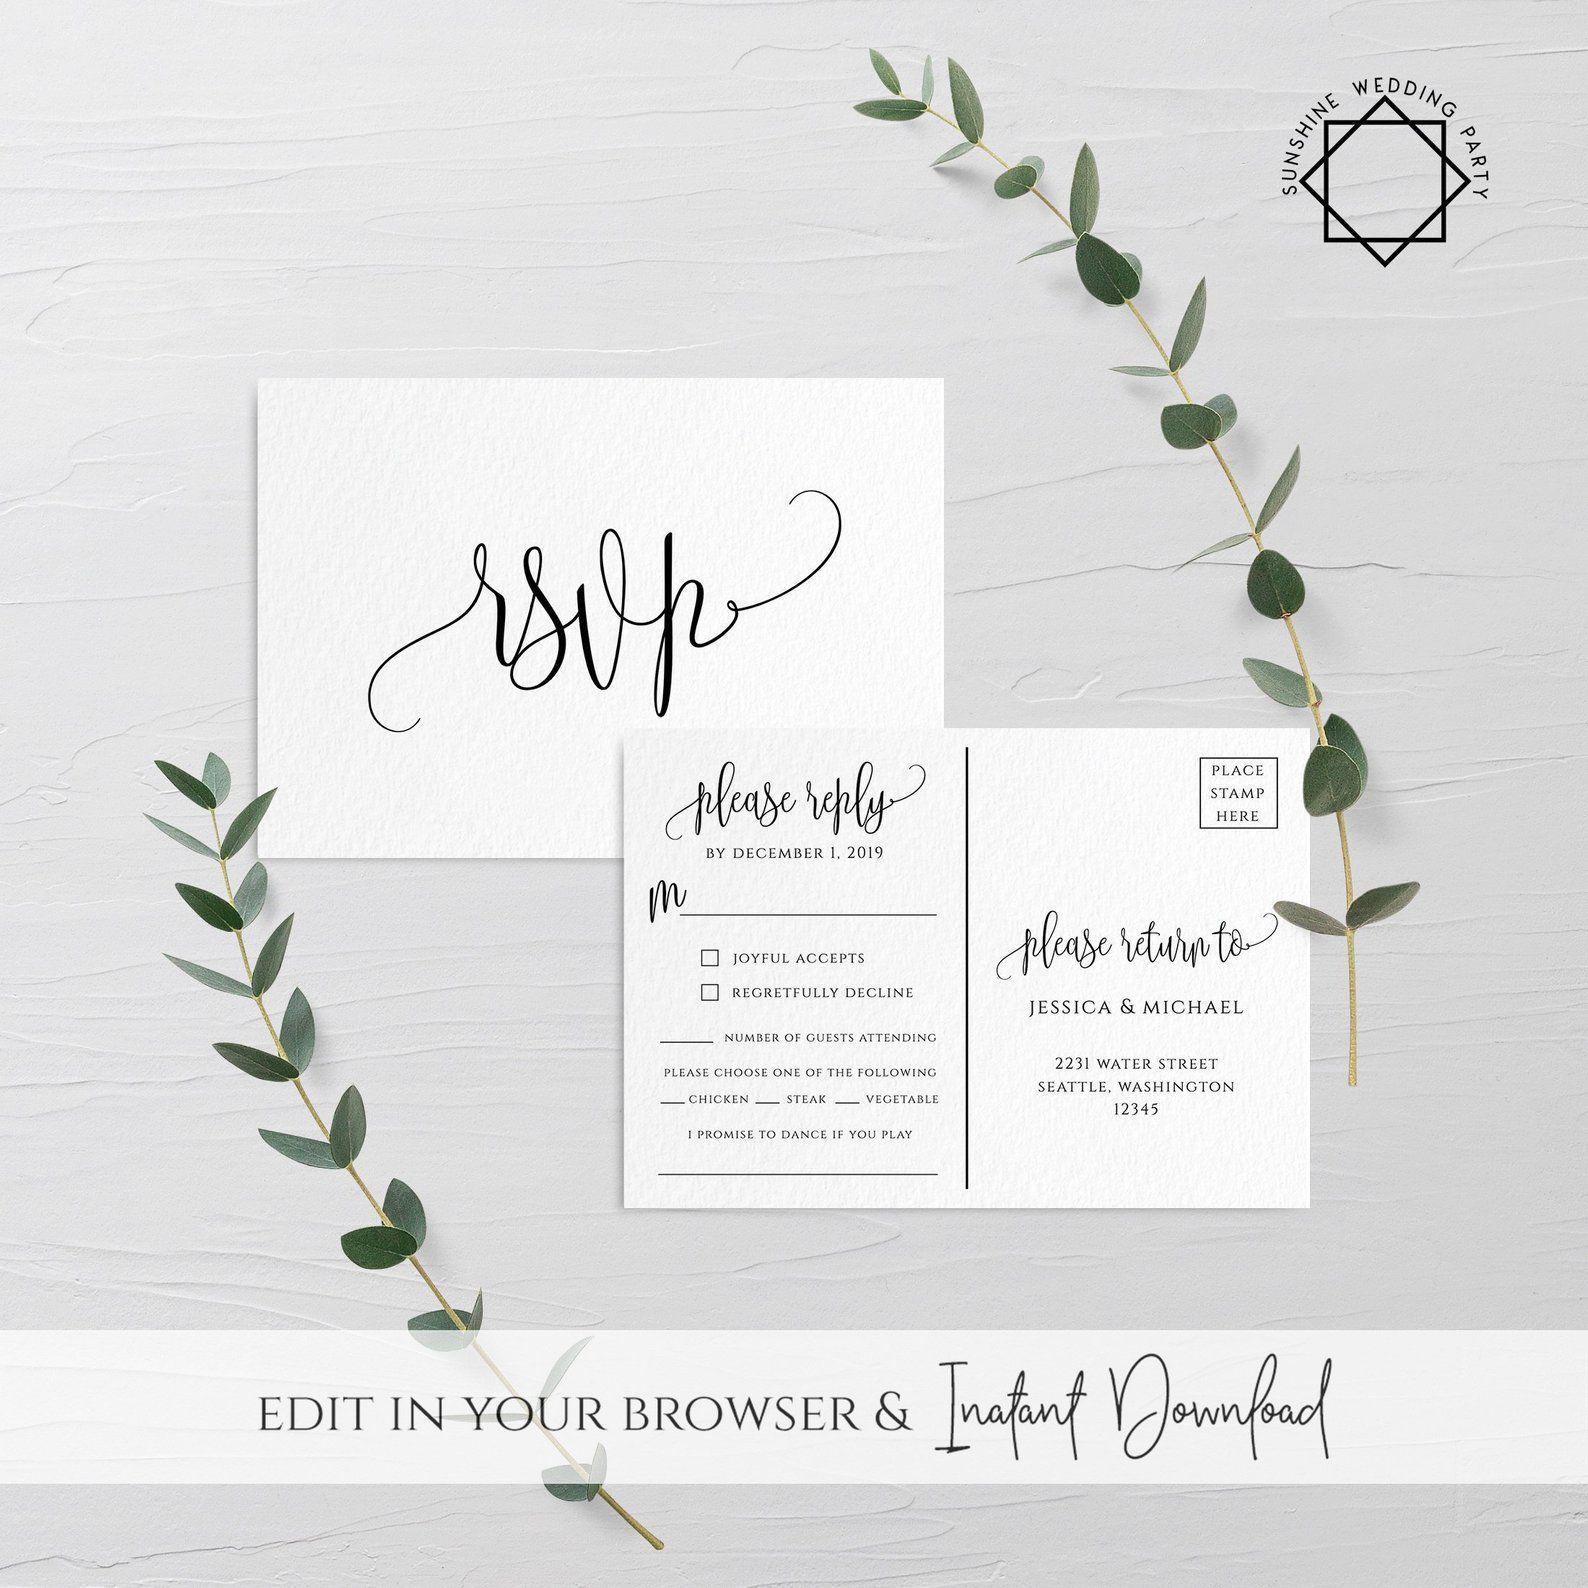 Wedding Invitation Psvp Postcard Template Editable Printable